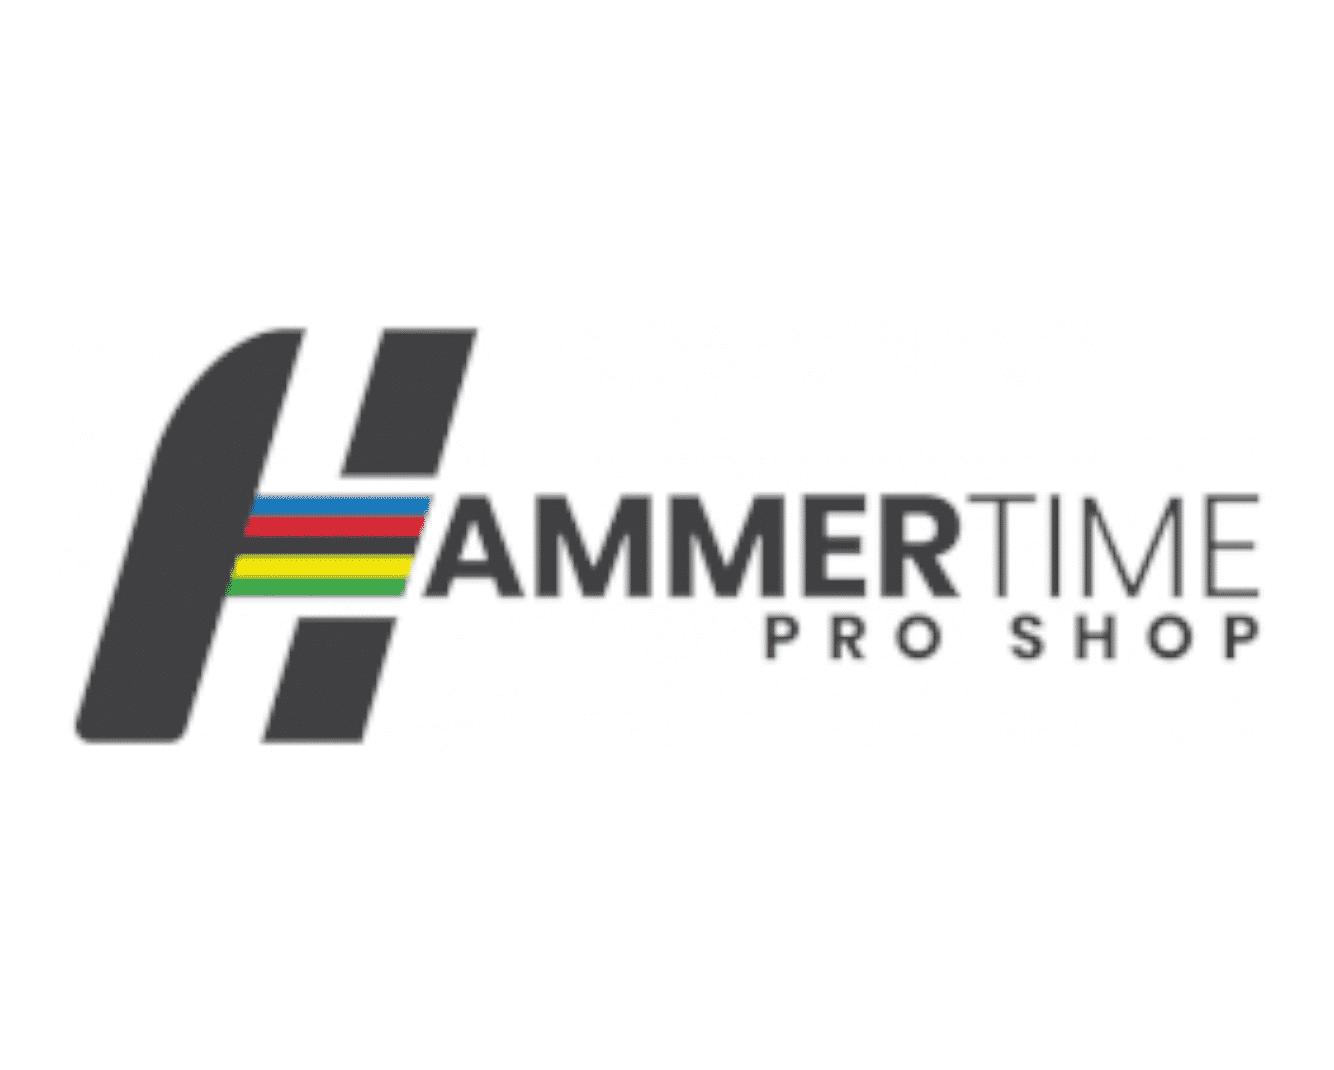 Hammer Time Pro Shop Logo